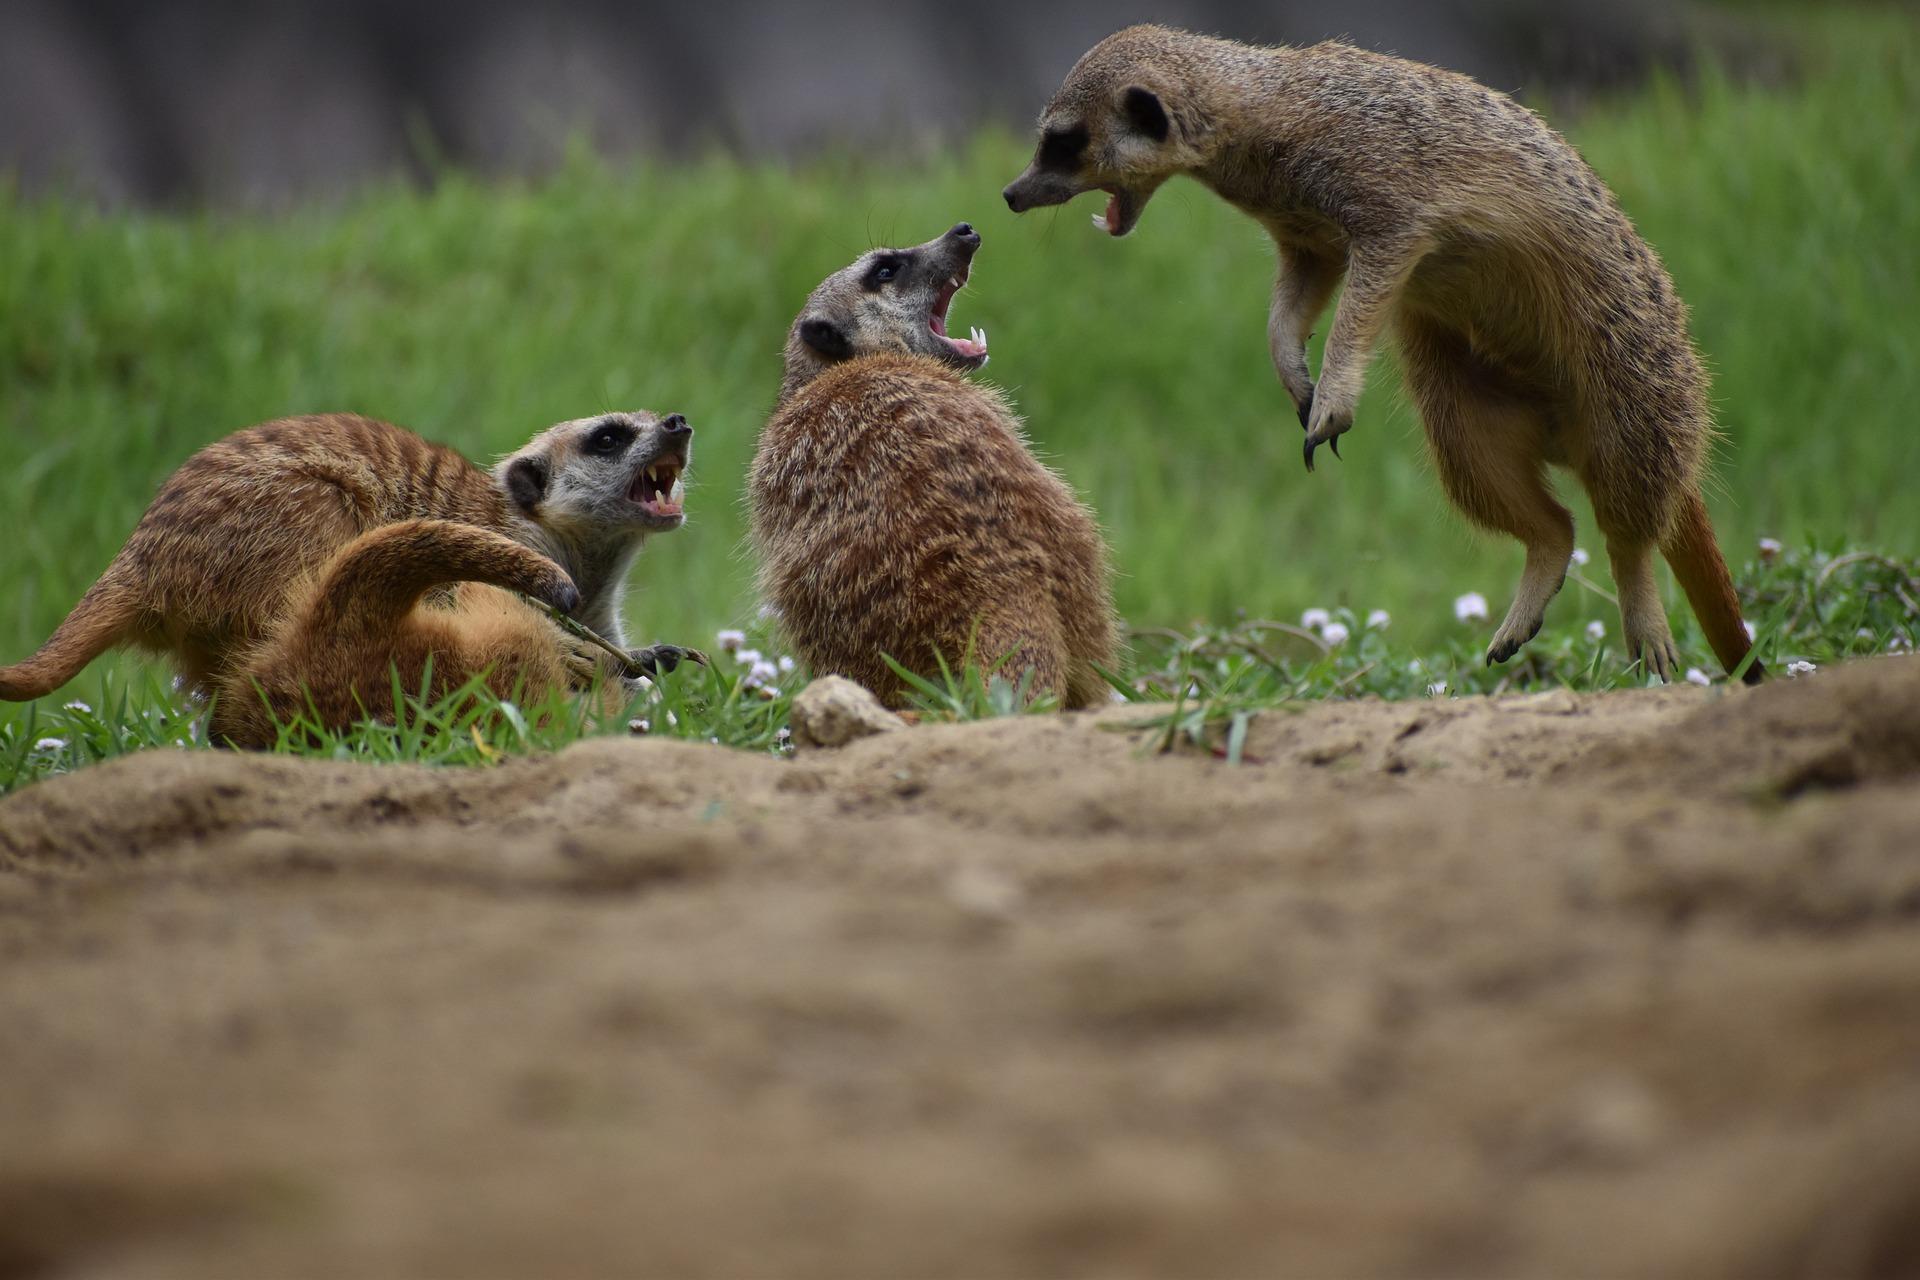 How do meerkats survive?